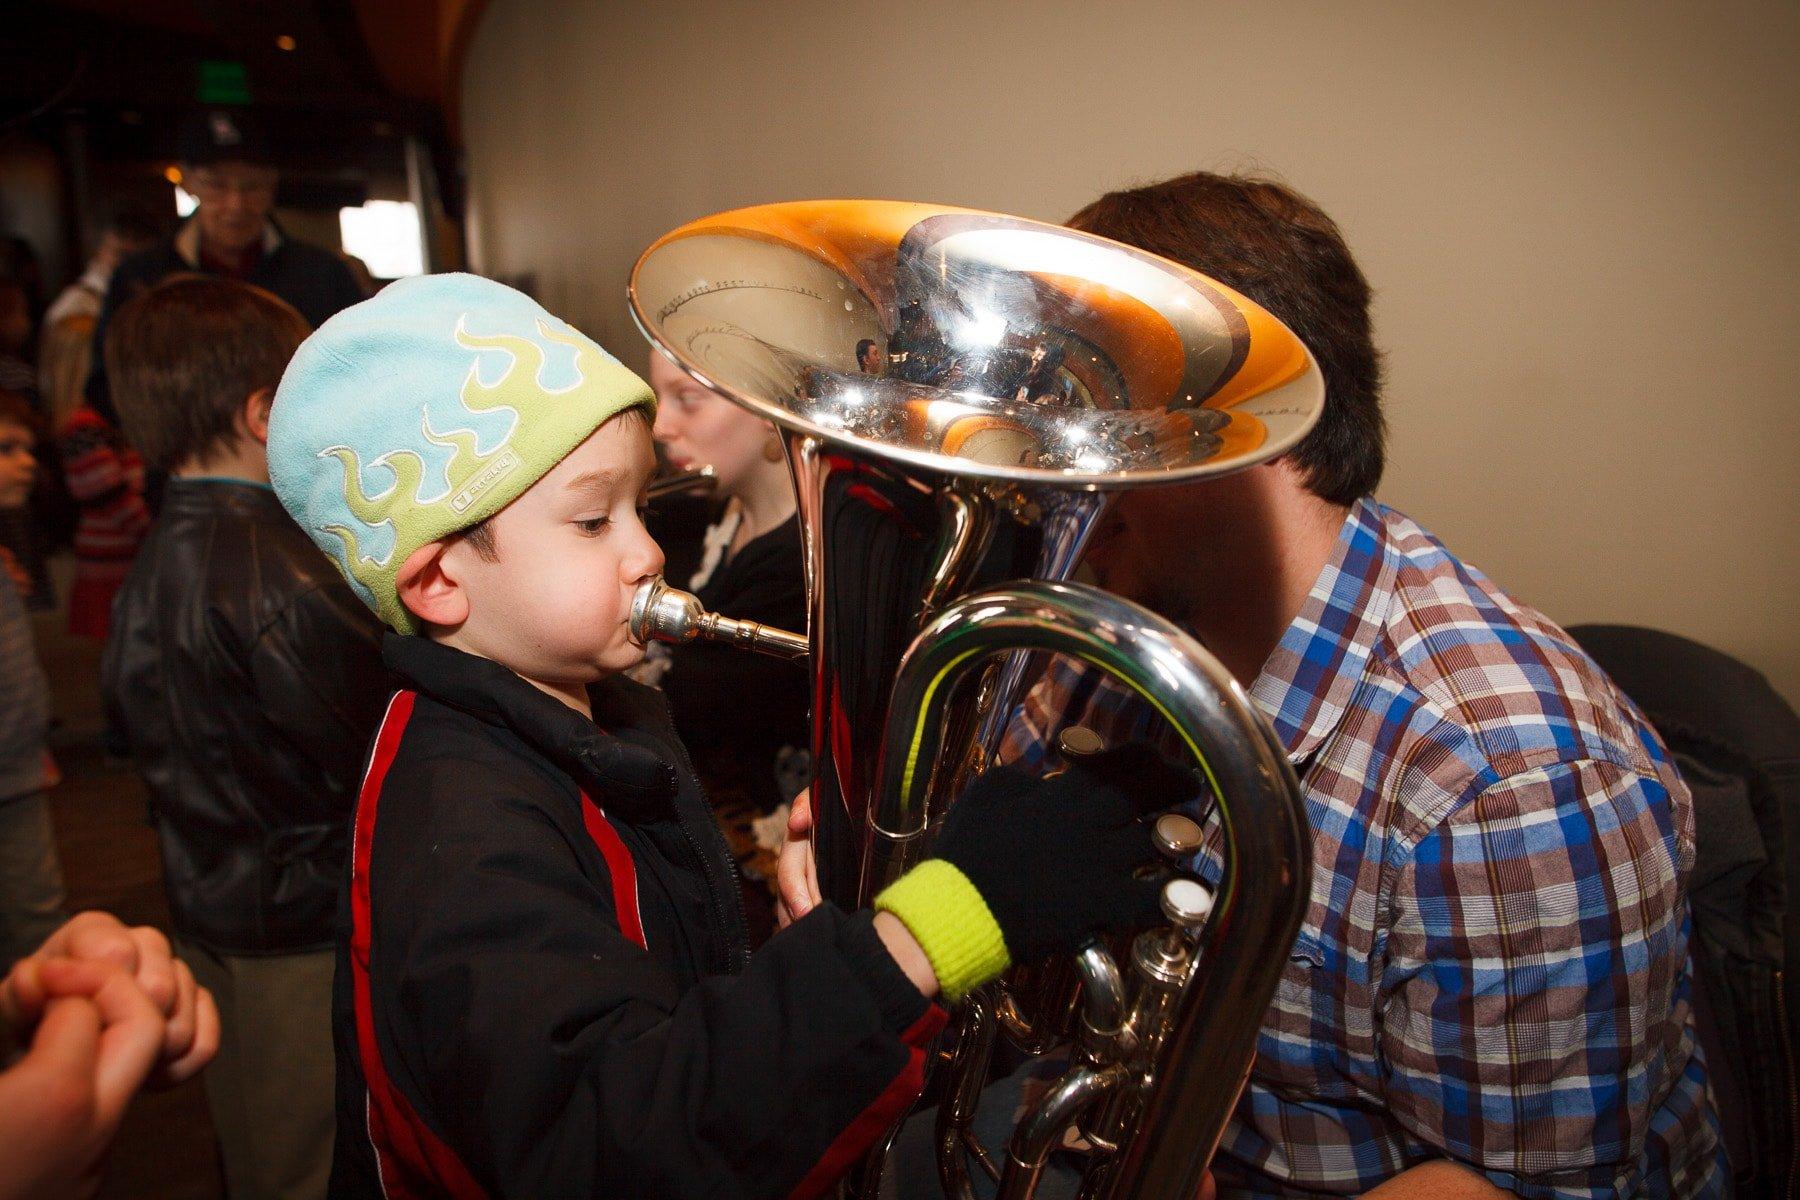 bambino suona tuba